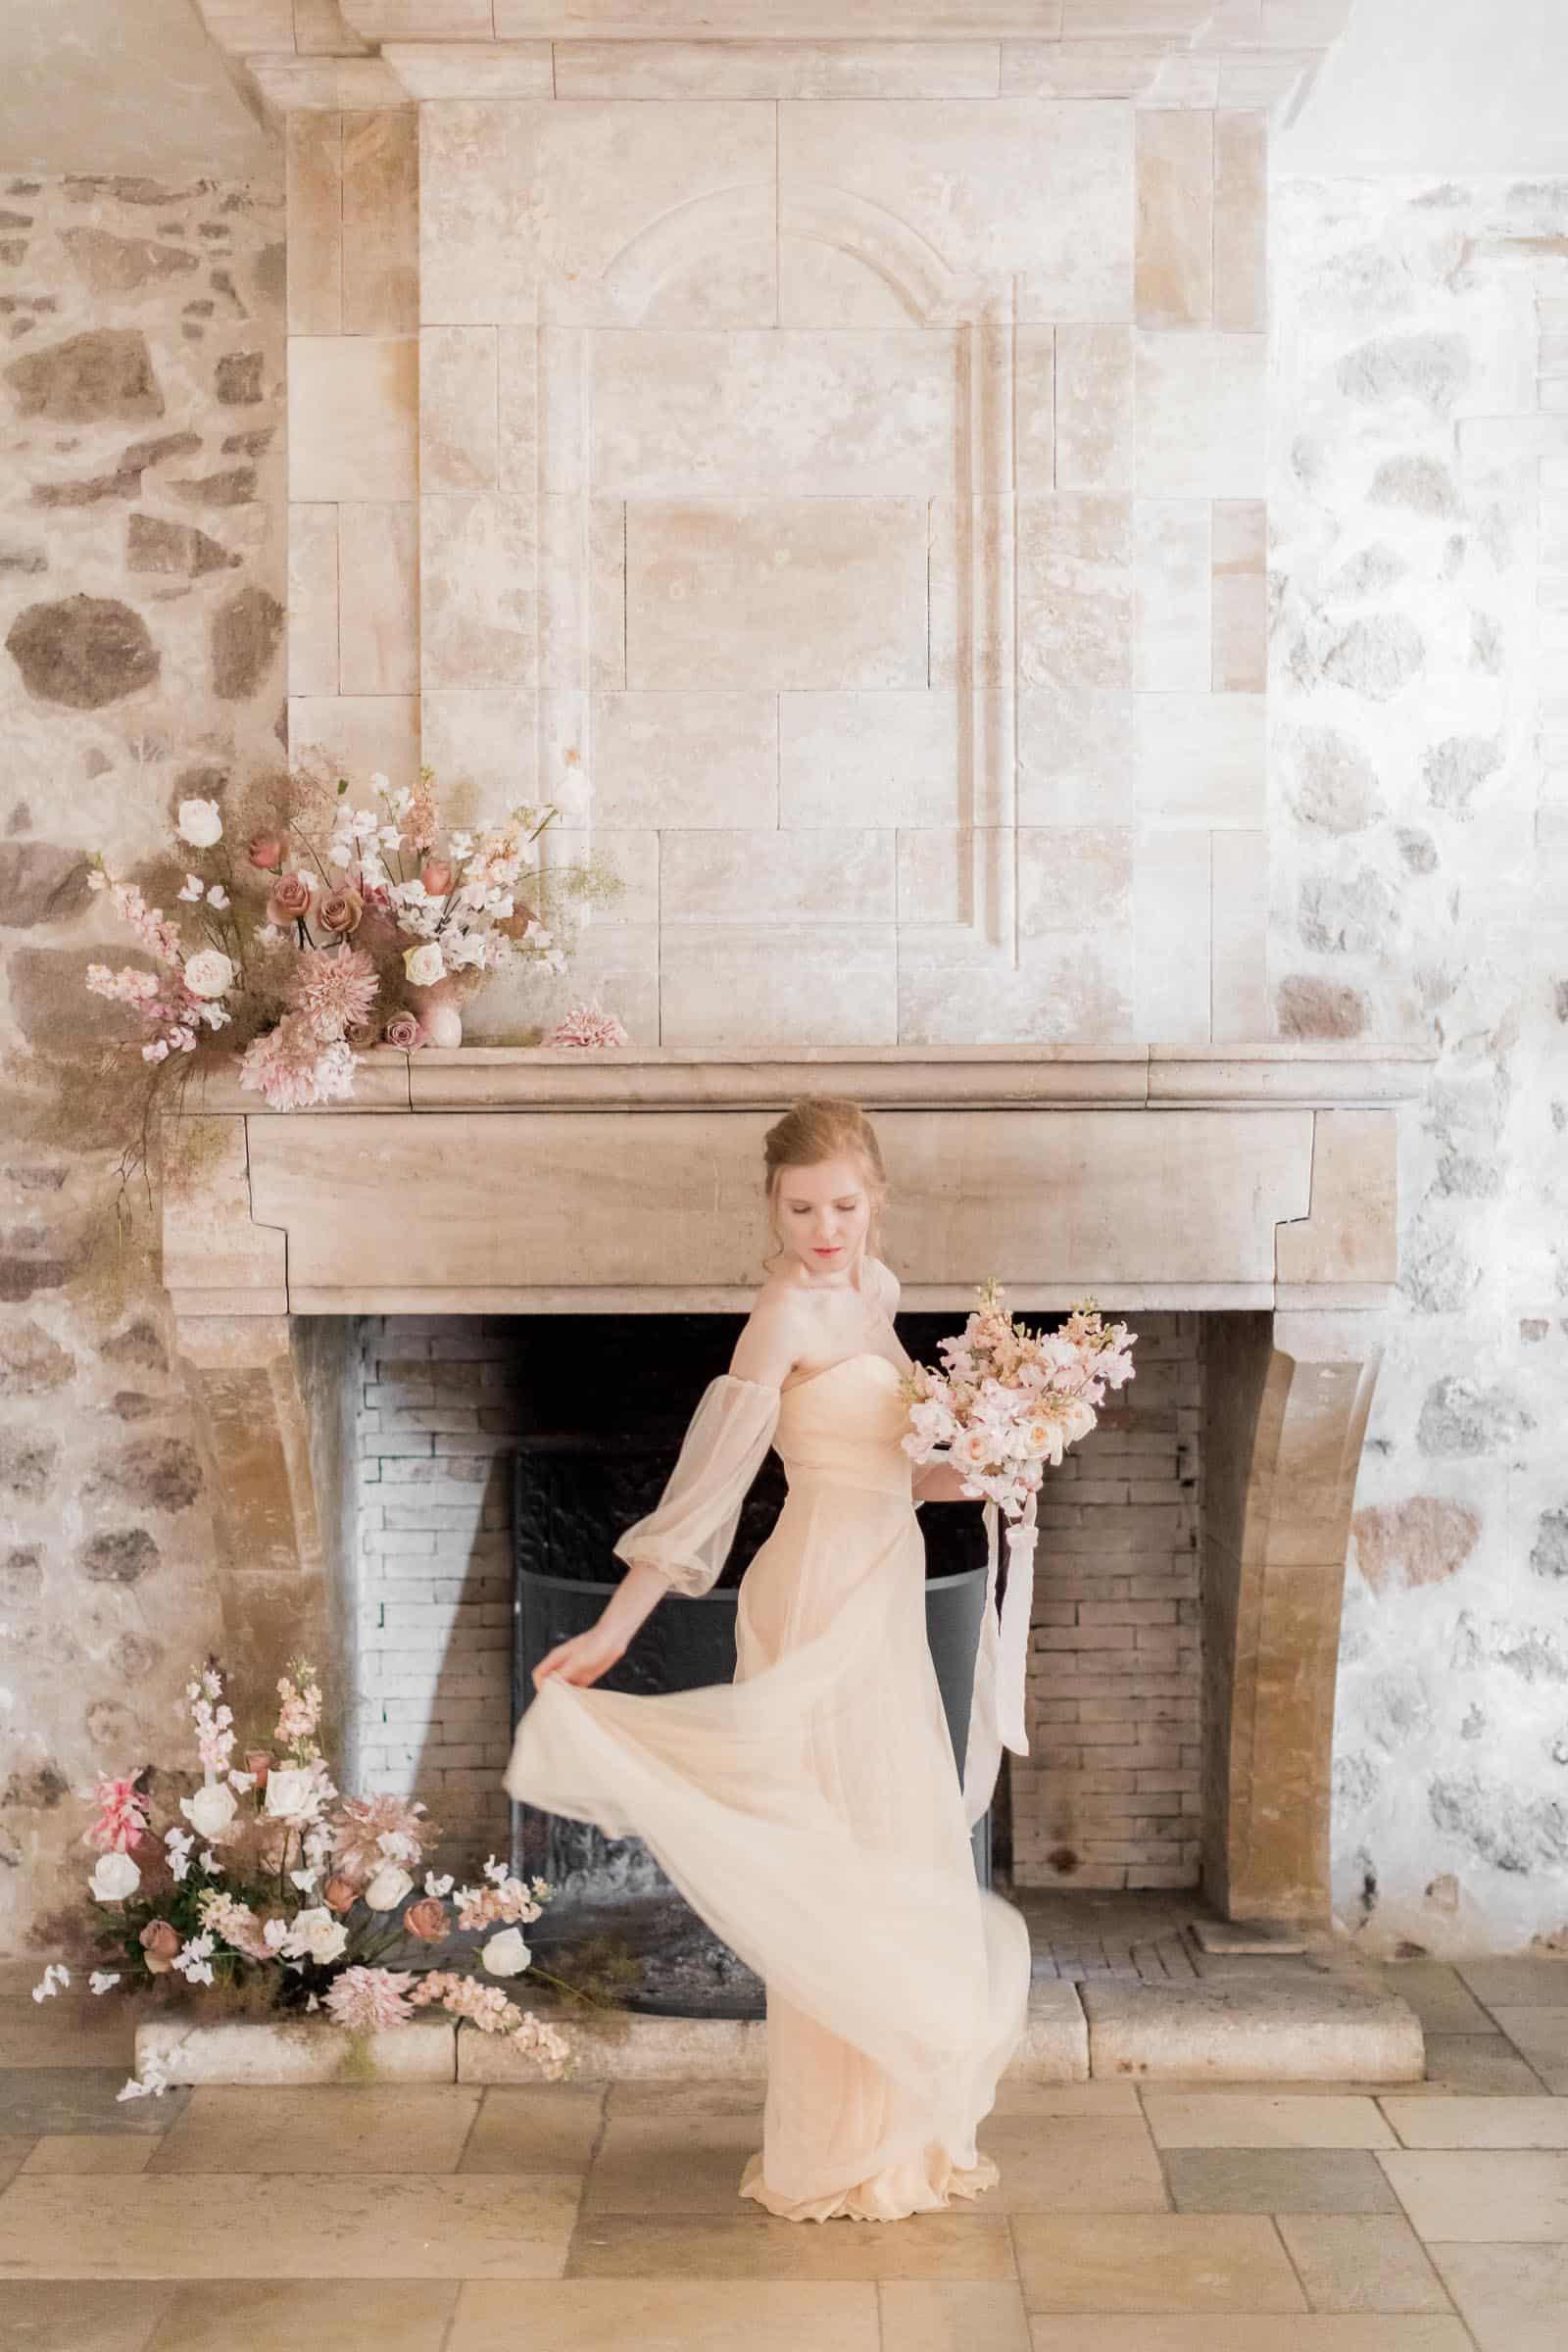 Photographie de Mathieu Dété présentant un portrait de la mariée devant la cheminée du Château Saint Julien d'Aille à Vidauban